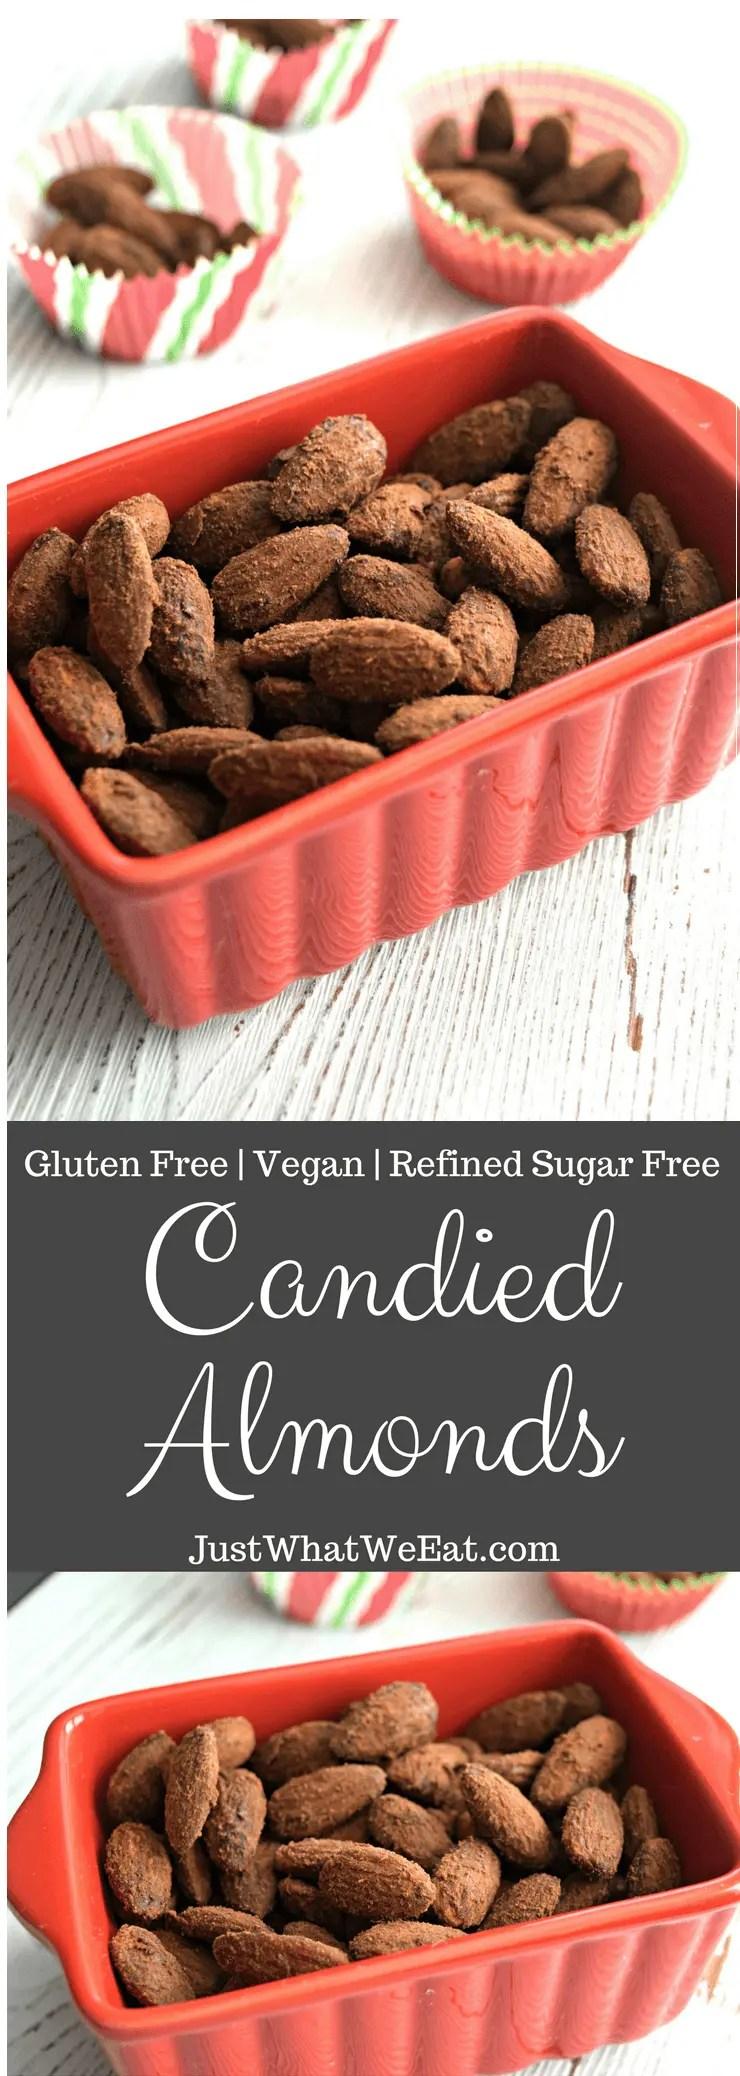 Candied Almonds - Gluten Free, Vegan, & Refined Sugar Free